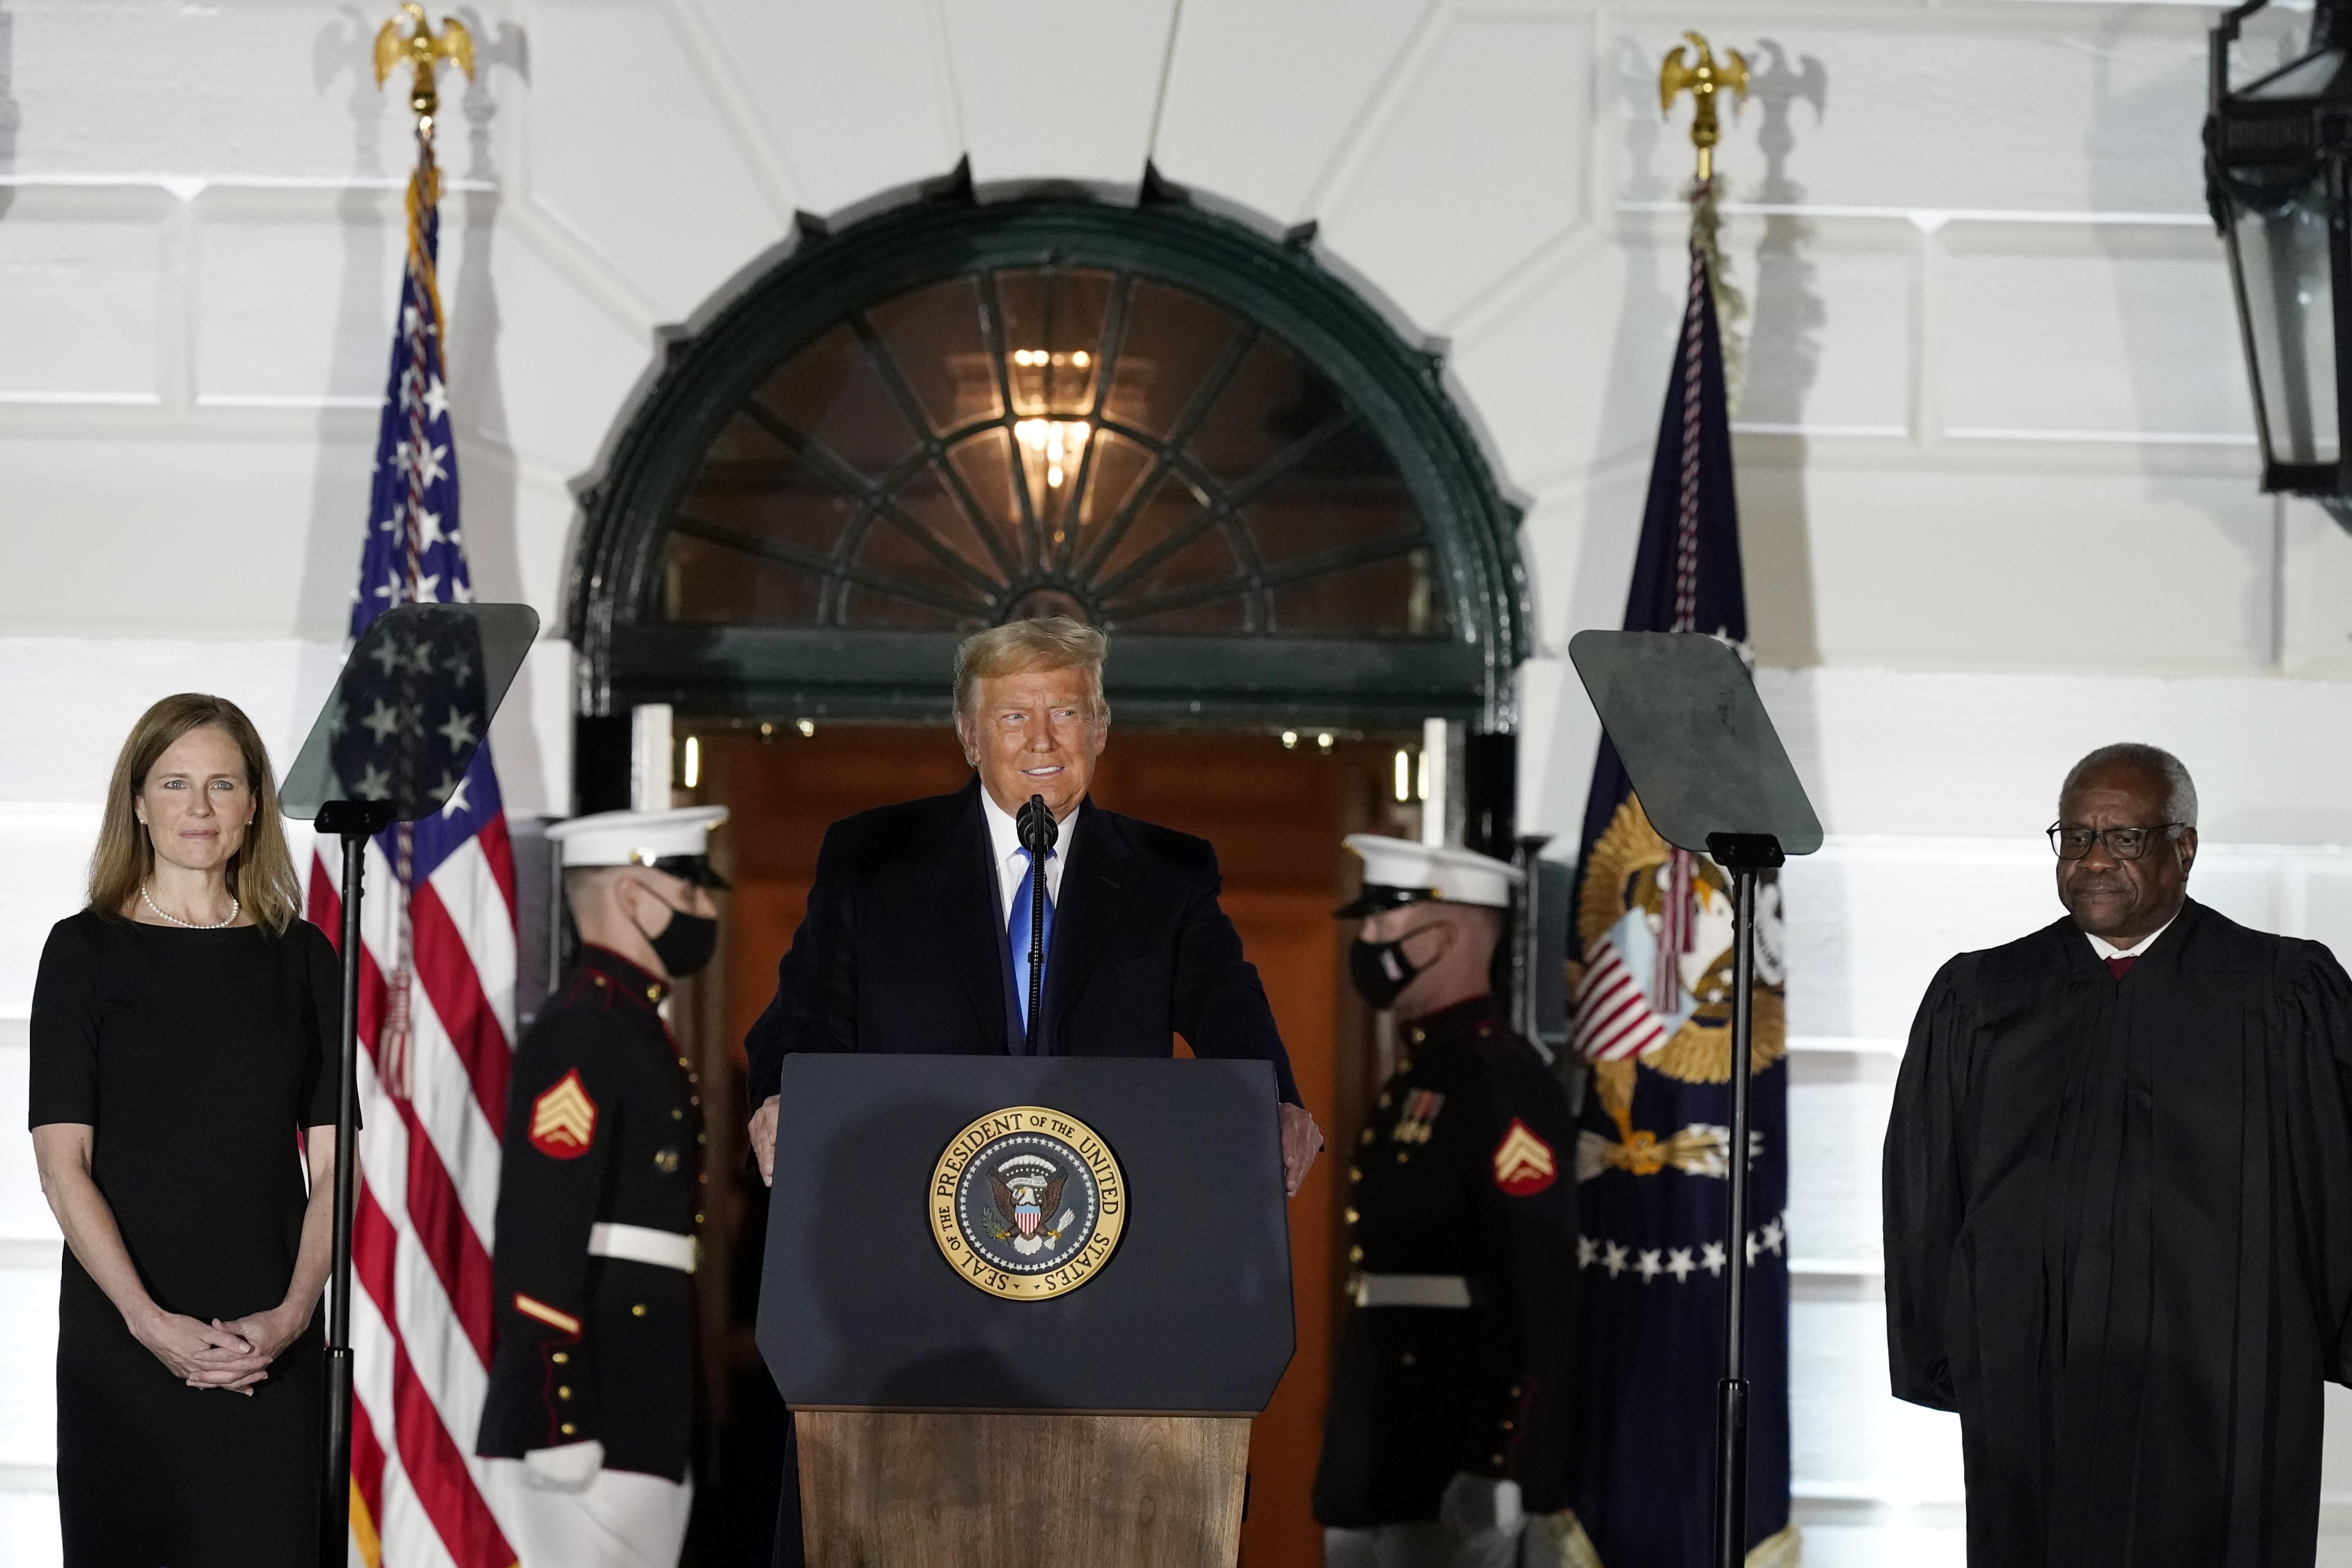 總統特朗普在巴瑞特(左)宣誓出任最高法院大法官之前,發表講話,右邊為另一最高法院大法官托馬斯,準備為巴瑞特監誓。    美聯社